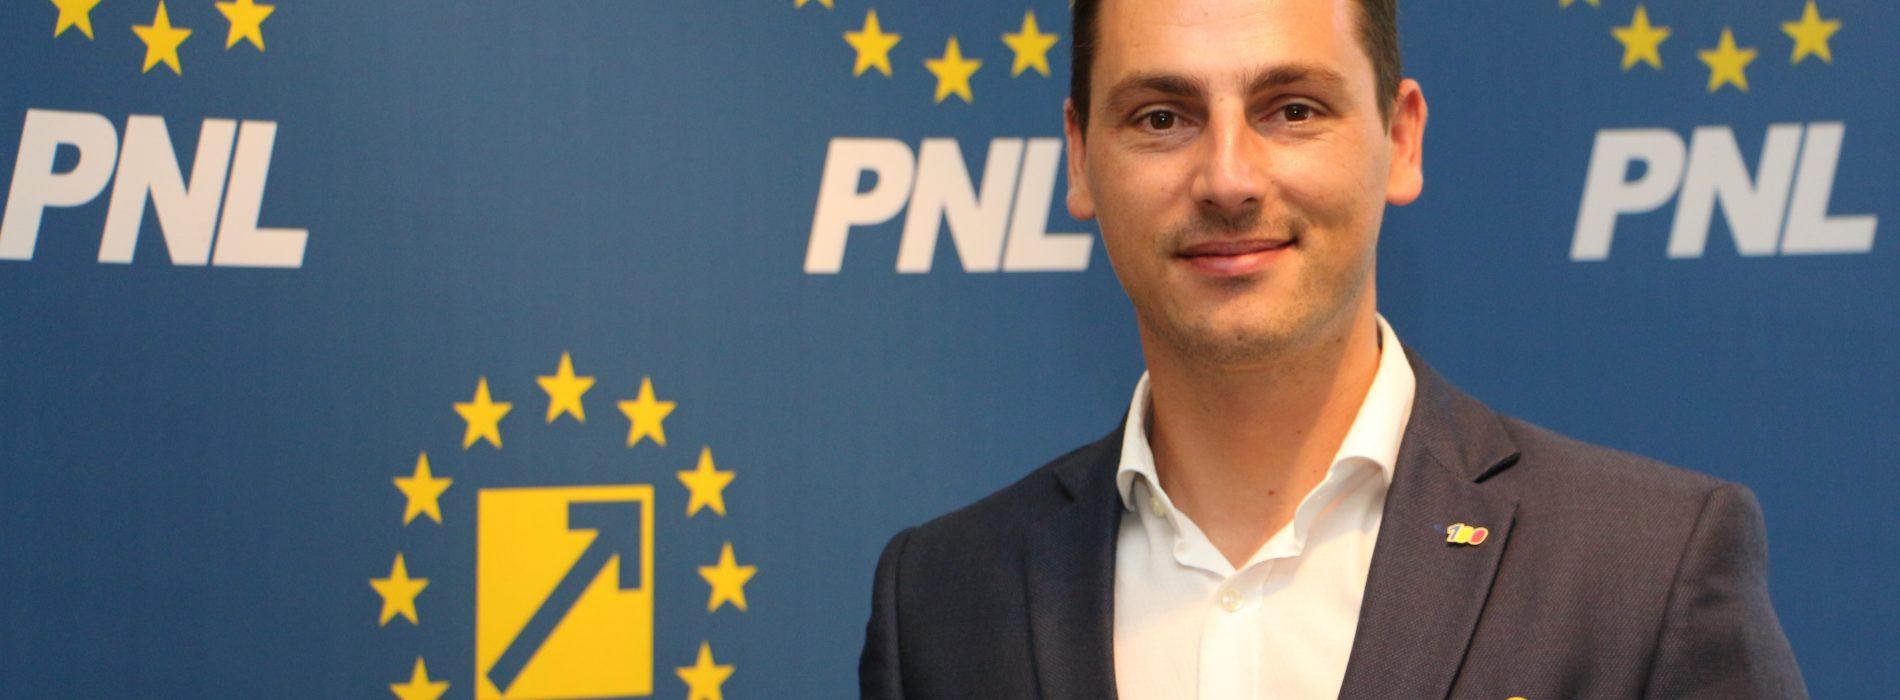 """Ionel Bogdan (PNL): """"Coaliția de guvernare ARUNCĂ țara în haos. Vom plăti mai mult pentru gaz, curent, telefonie și internet"""""""